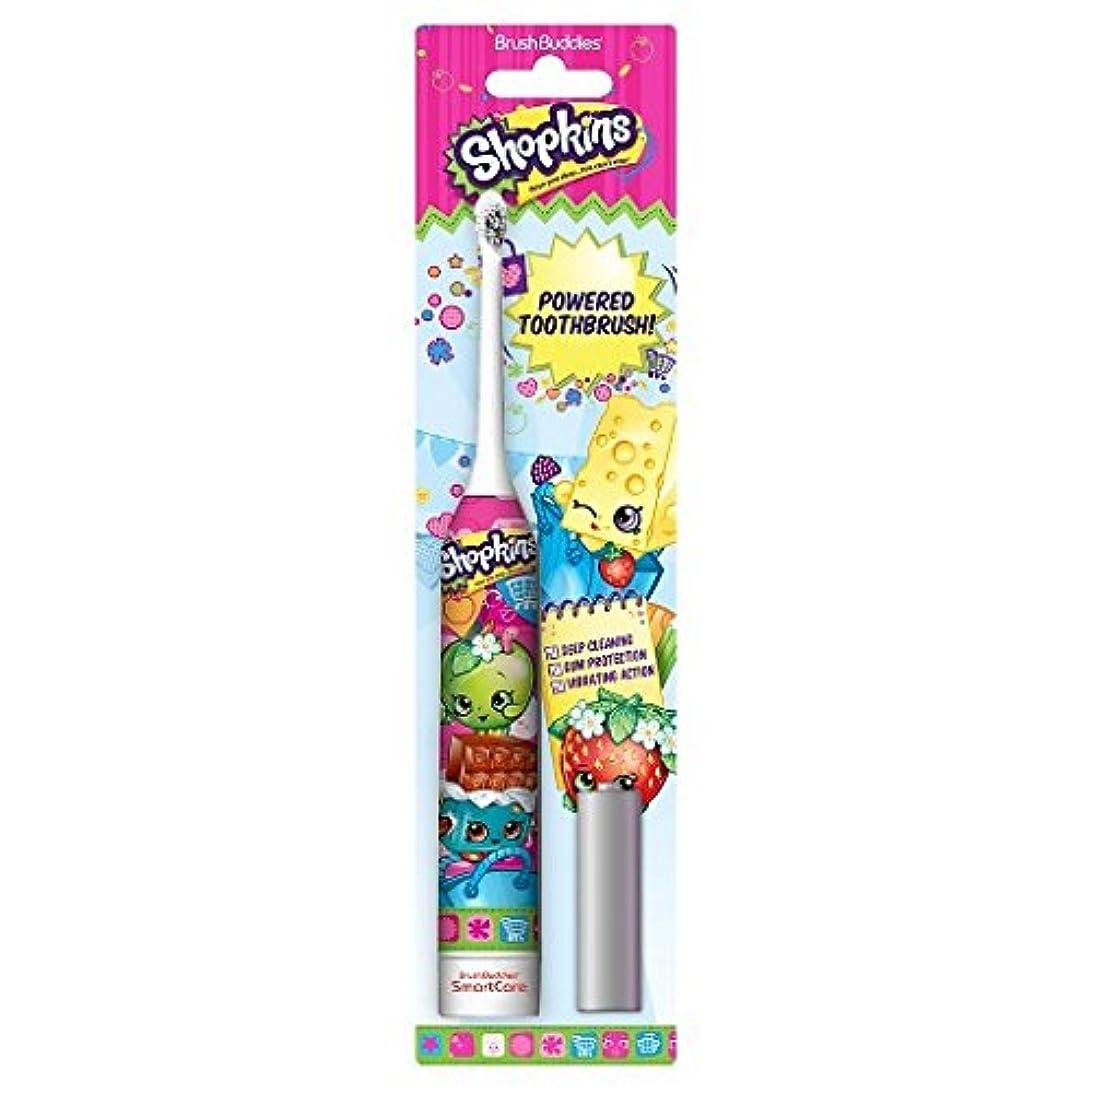 カビ礼儀用心深いBrush Buddies Shopkins Sonic Powered Toothbrush ソニックパワード電動歯ブラシ [並行輸入品]